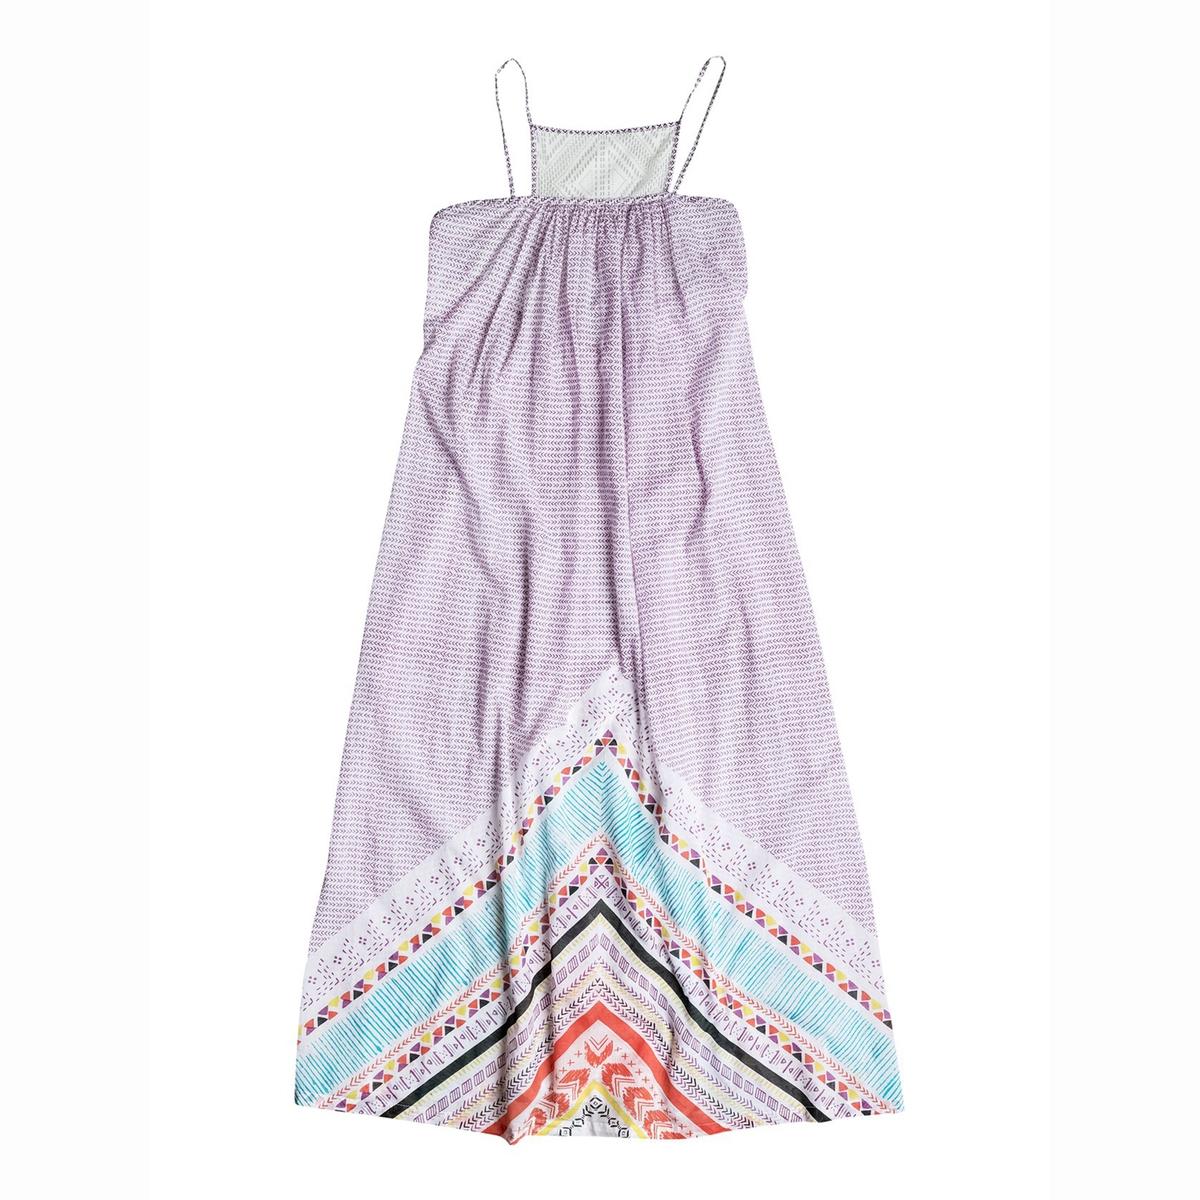 Платье длинное на тонких бретелях, с рисунком ROXY, LOST BOHEMIANСостав и характеристики: :Материалы  : 100% хлопкаМарка : ROXY<br><br>Цвет: белый наб.рисунок<br>Размер: M